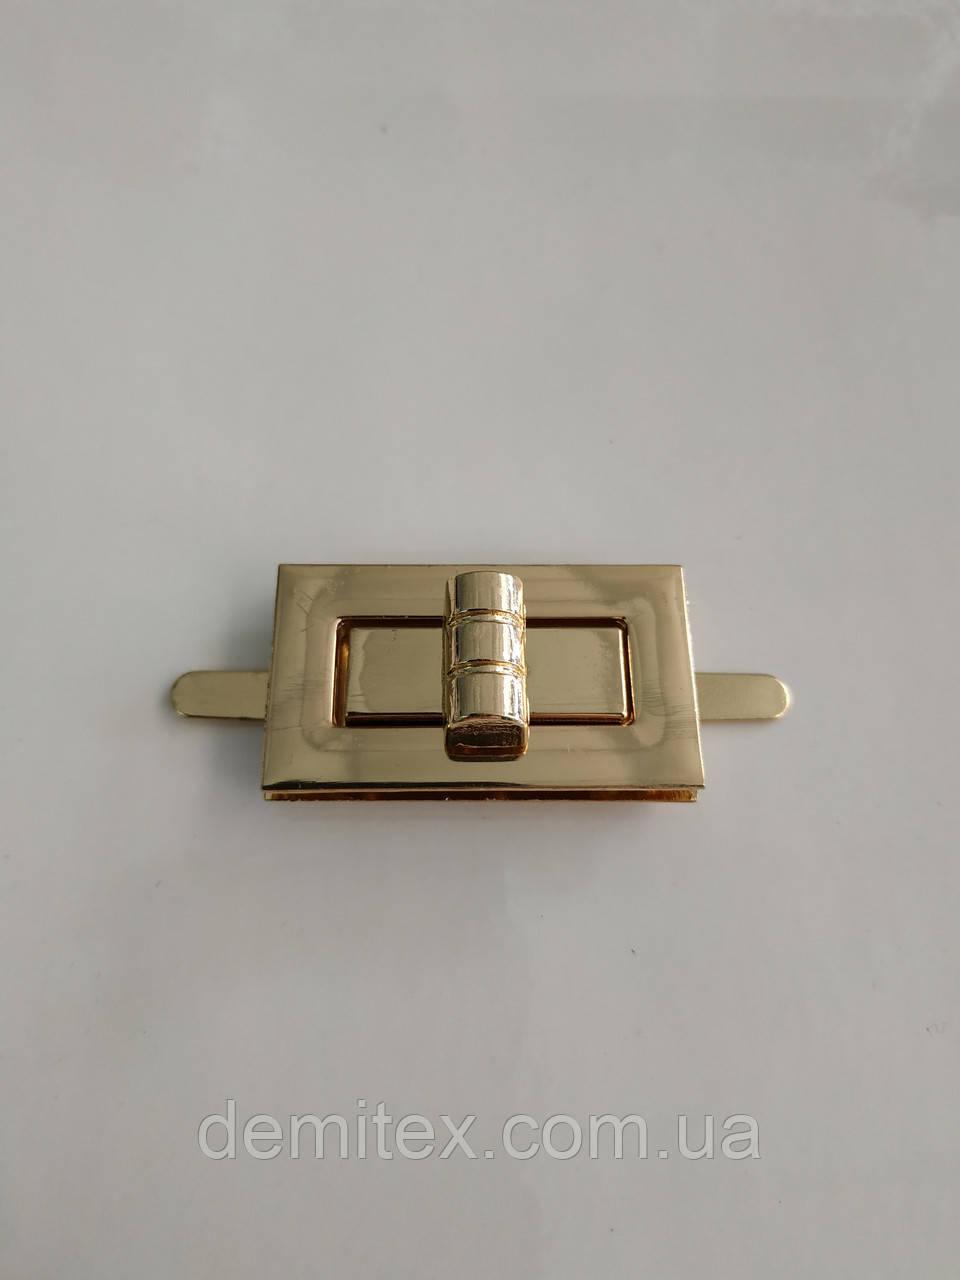 Замок сумочный поворотный золото 40 мм. ширина